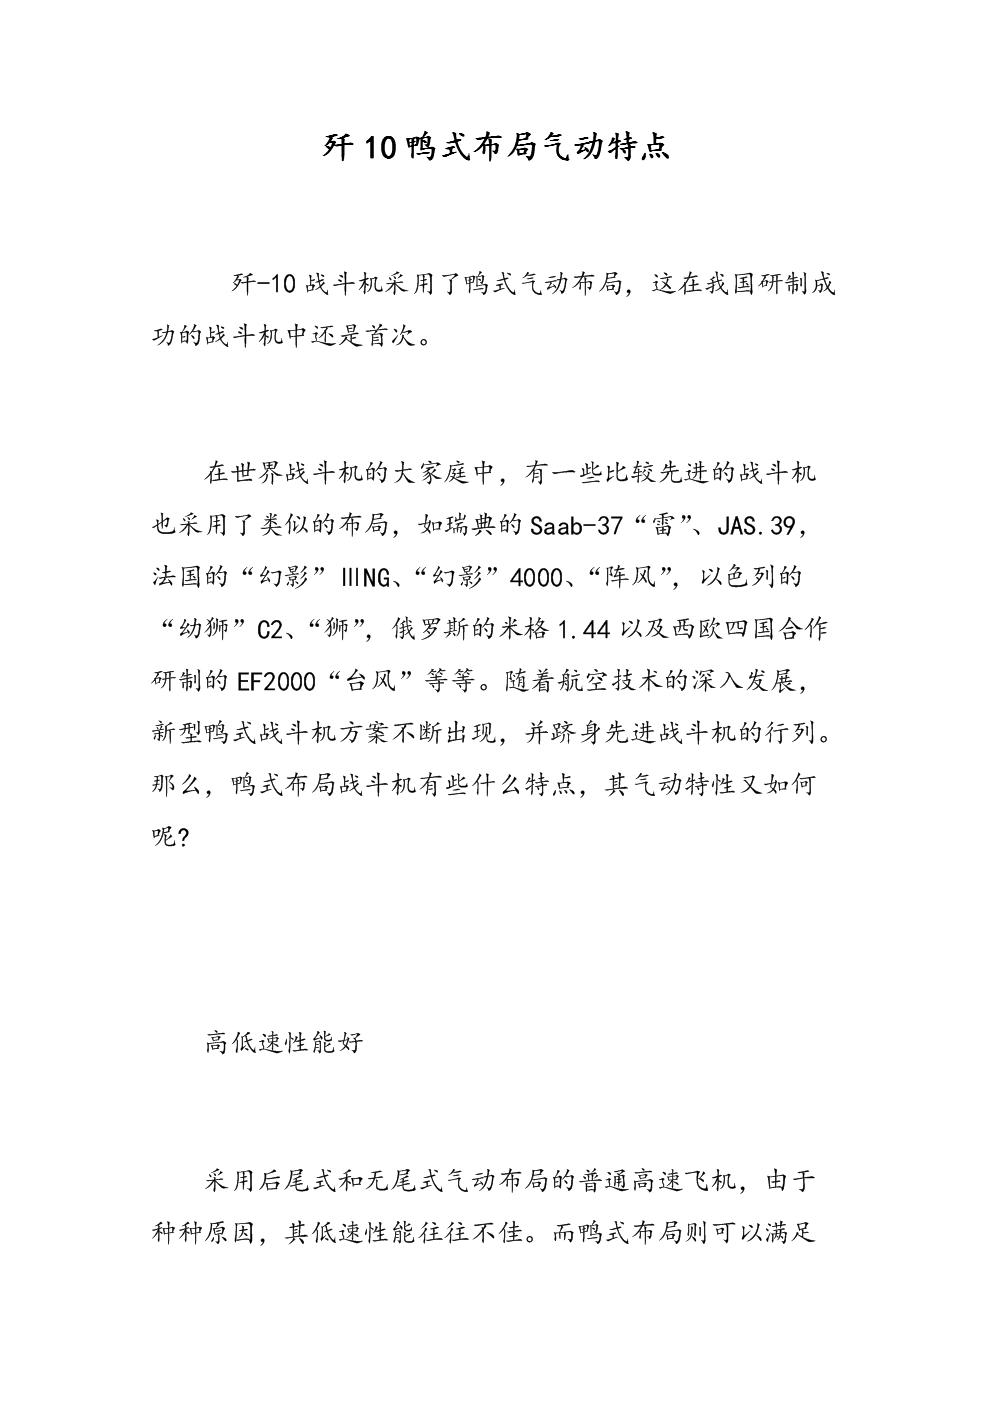 歼10鸭式布局气动特点.doc图片